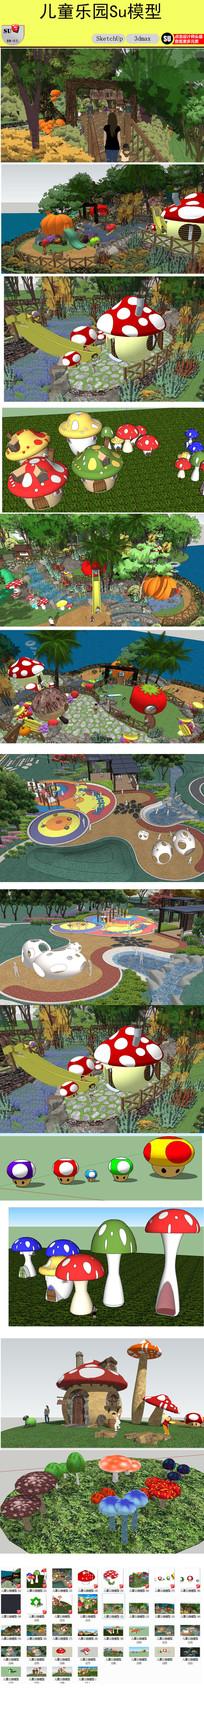 儿童卡通游乐设施乐园SU模型